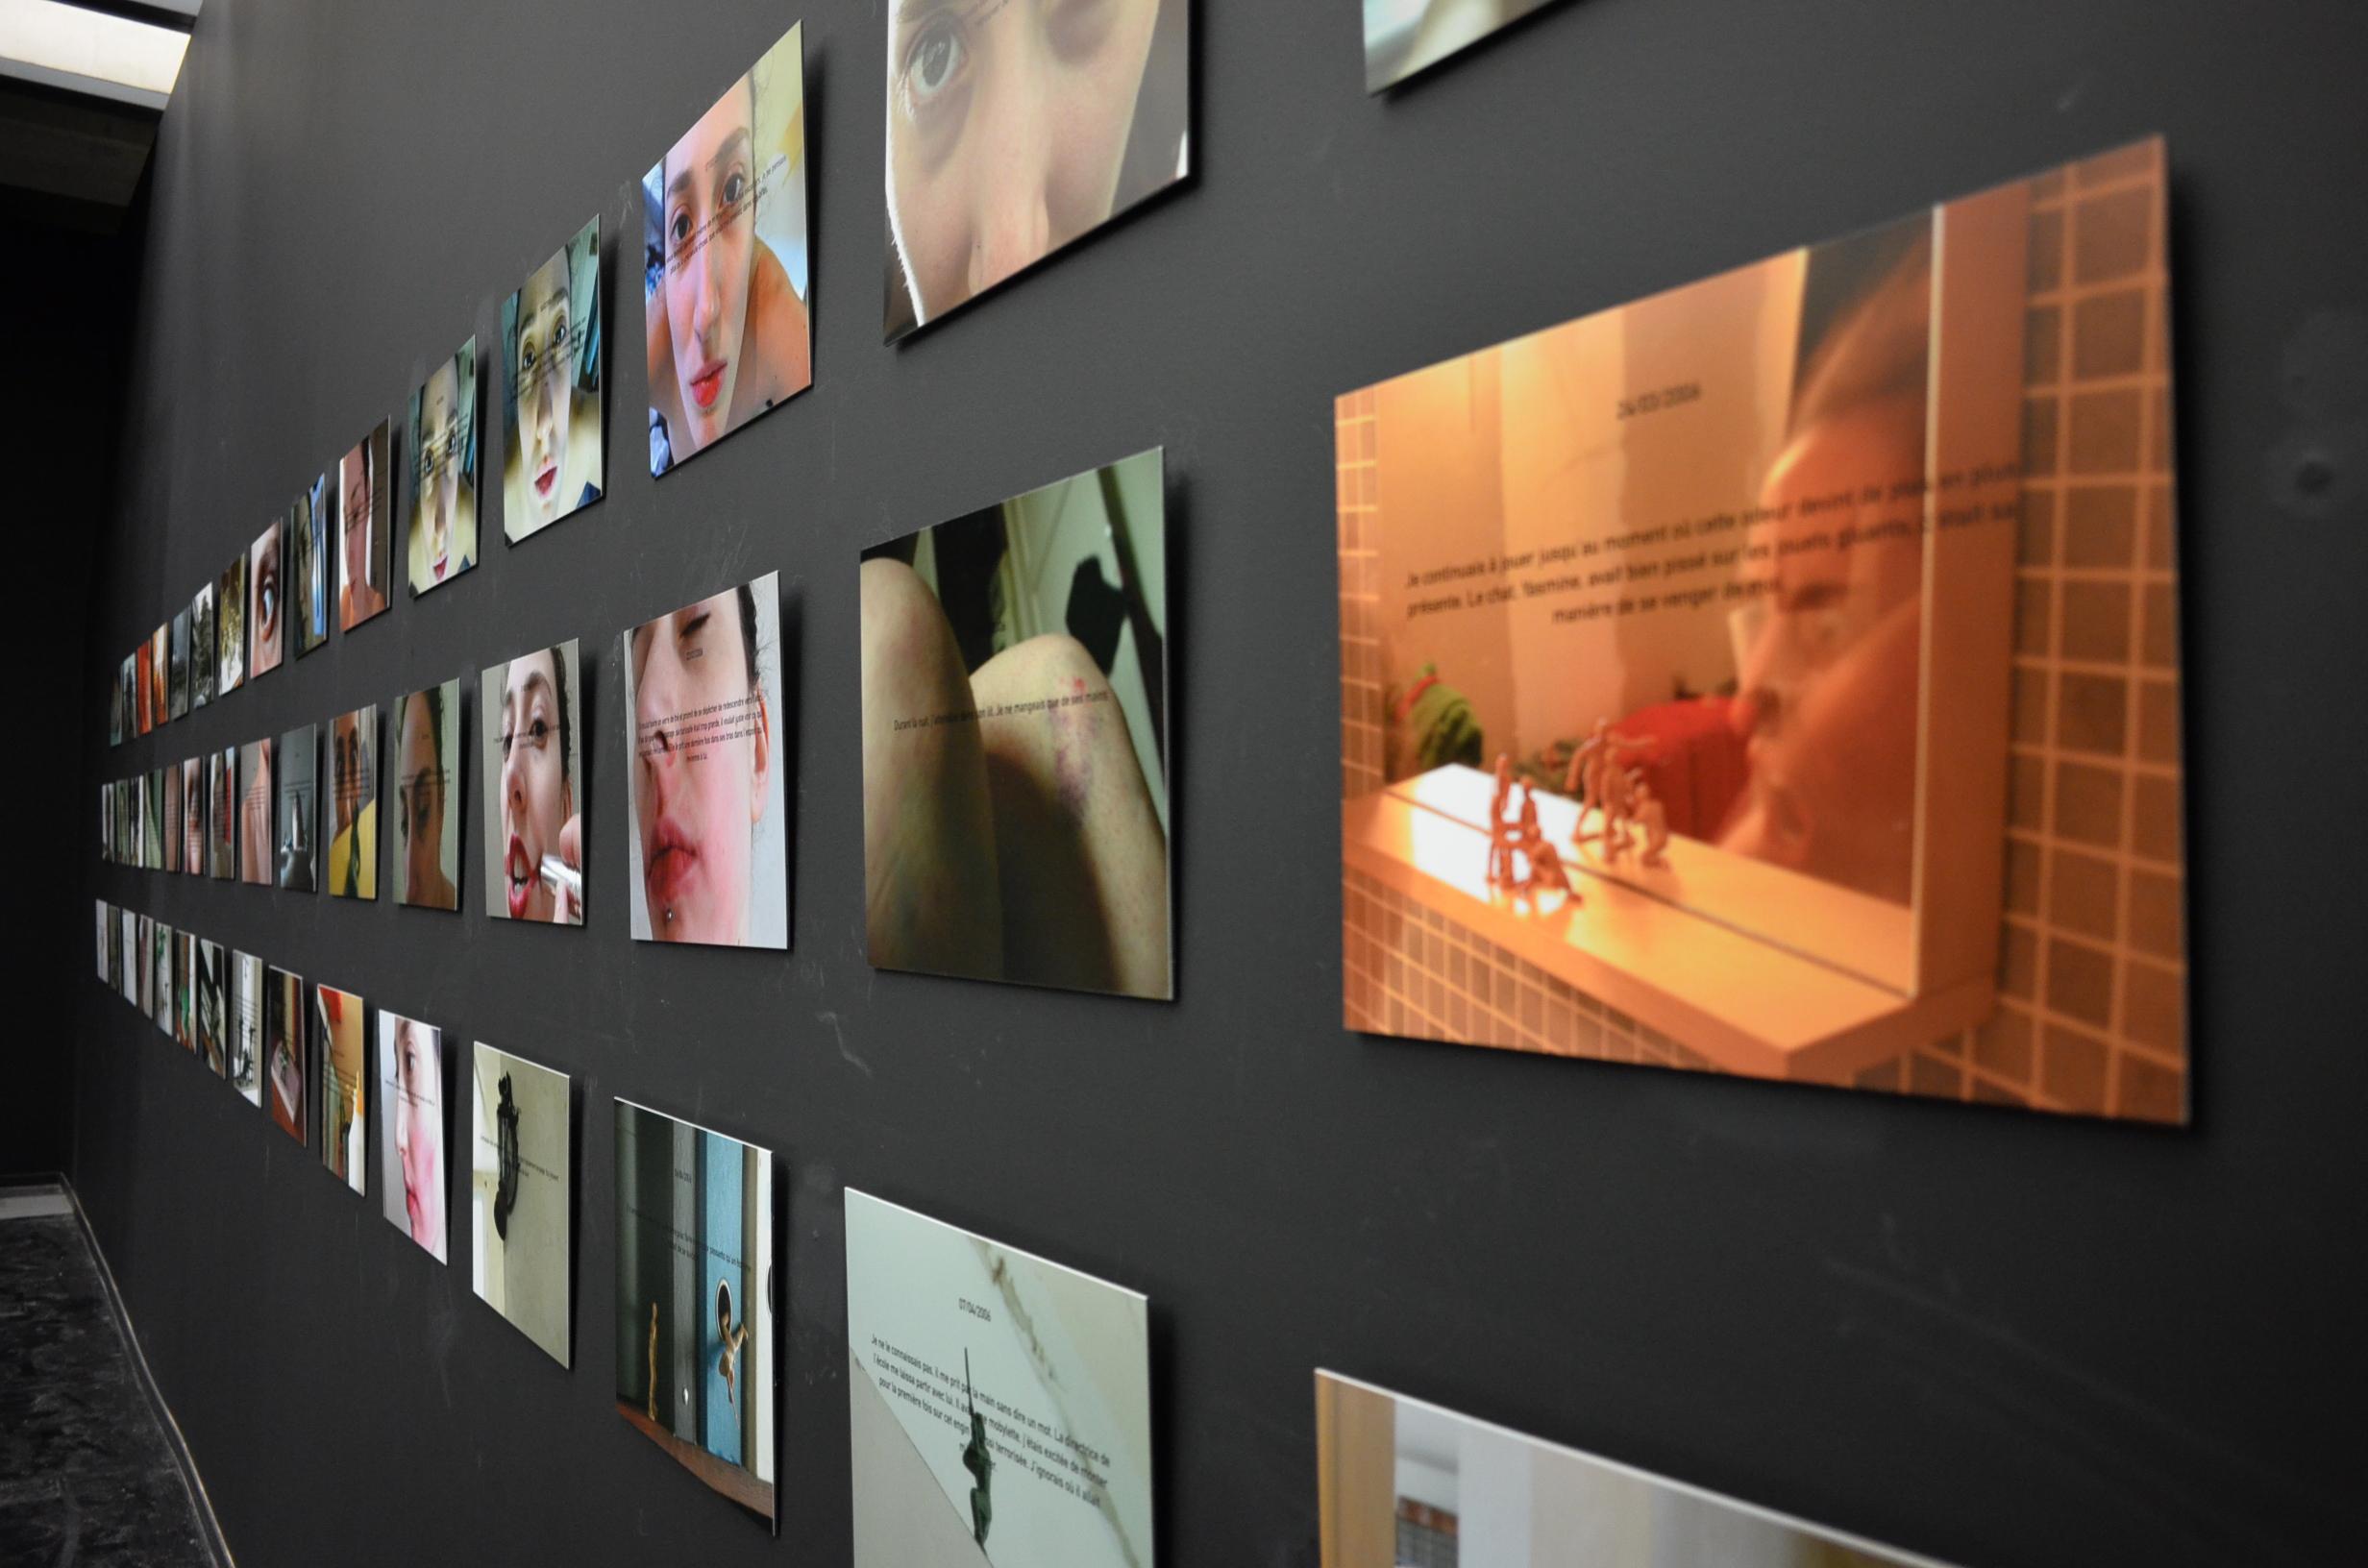 Exhibition at the Institut du monde arabe, Paris, 2015